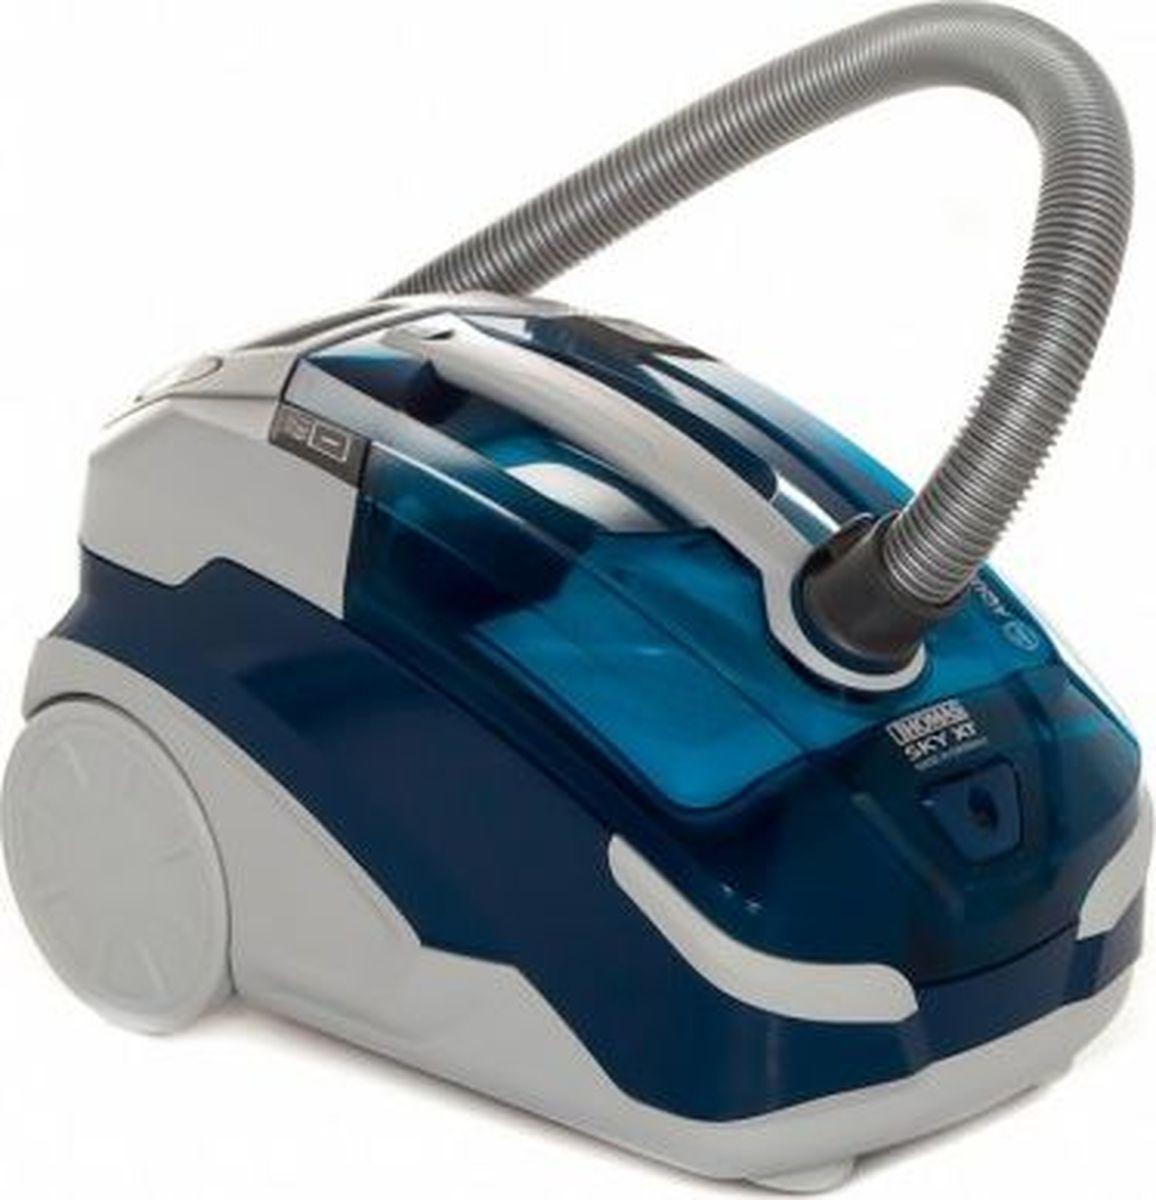 Thomas 788591 Sky XT Aqua-box, Blue моющий пылесос788591Без мешка для пыли. Уборка с постоянной мощностью всасывания. Моющий пылесос Thomas Sky Aqua-Box быстро очищает и моет полы и ковры, а в случае аварии он мгновенно ликвидирует большие лужи. Переключаемая насадка для уборки шерсти с ковров и полов поможет владельцам домашних животных быстро наводить порядок.А еще пылесос во время уборки очистит и увлажнит воздух в доме, сделав его свежим и приятным.